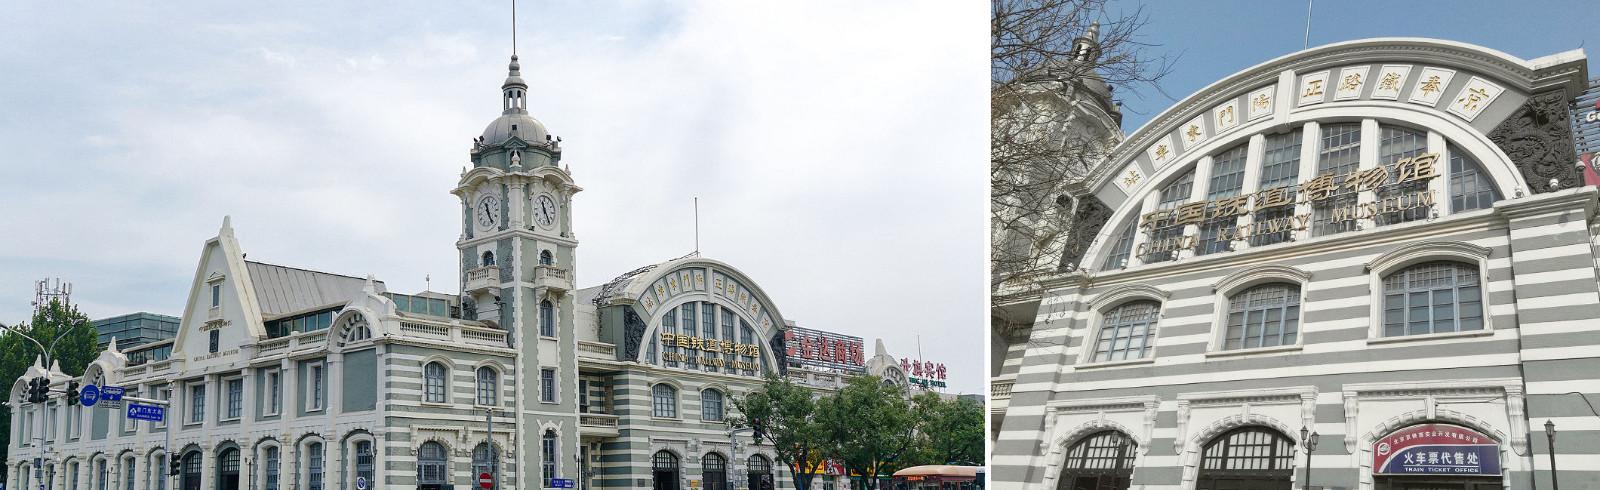 北京前門火車站東站,今天已設為中國鐵道博物館。